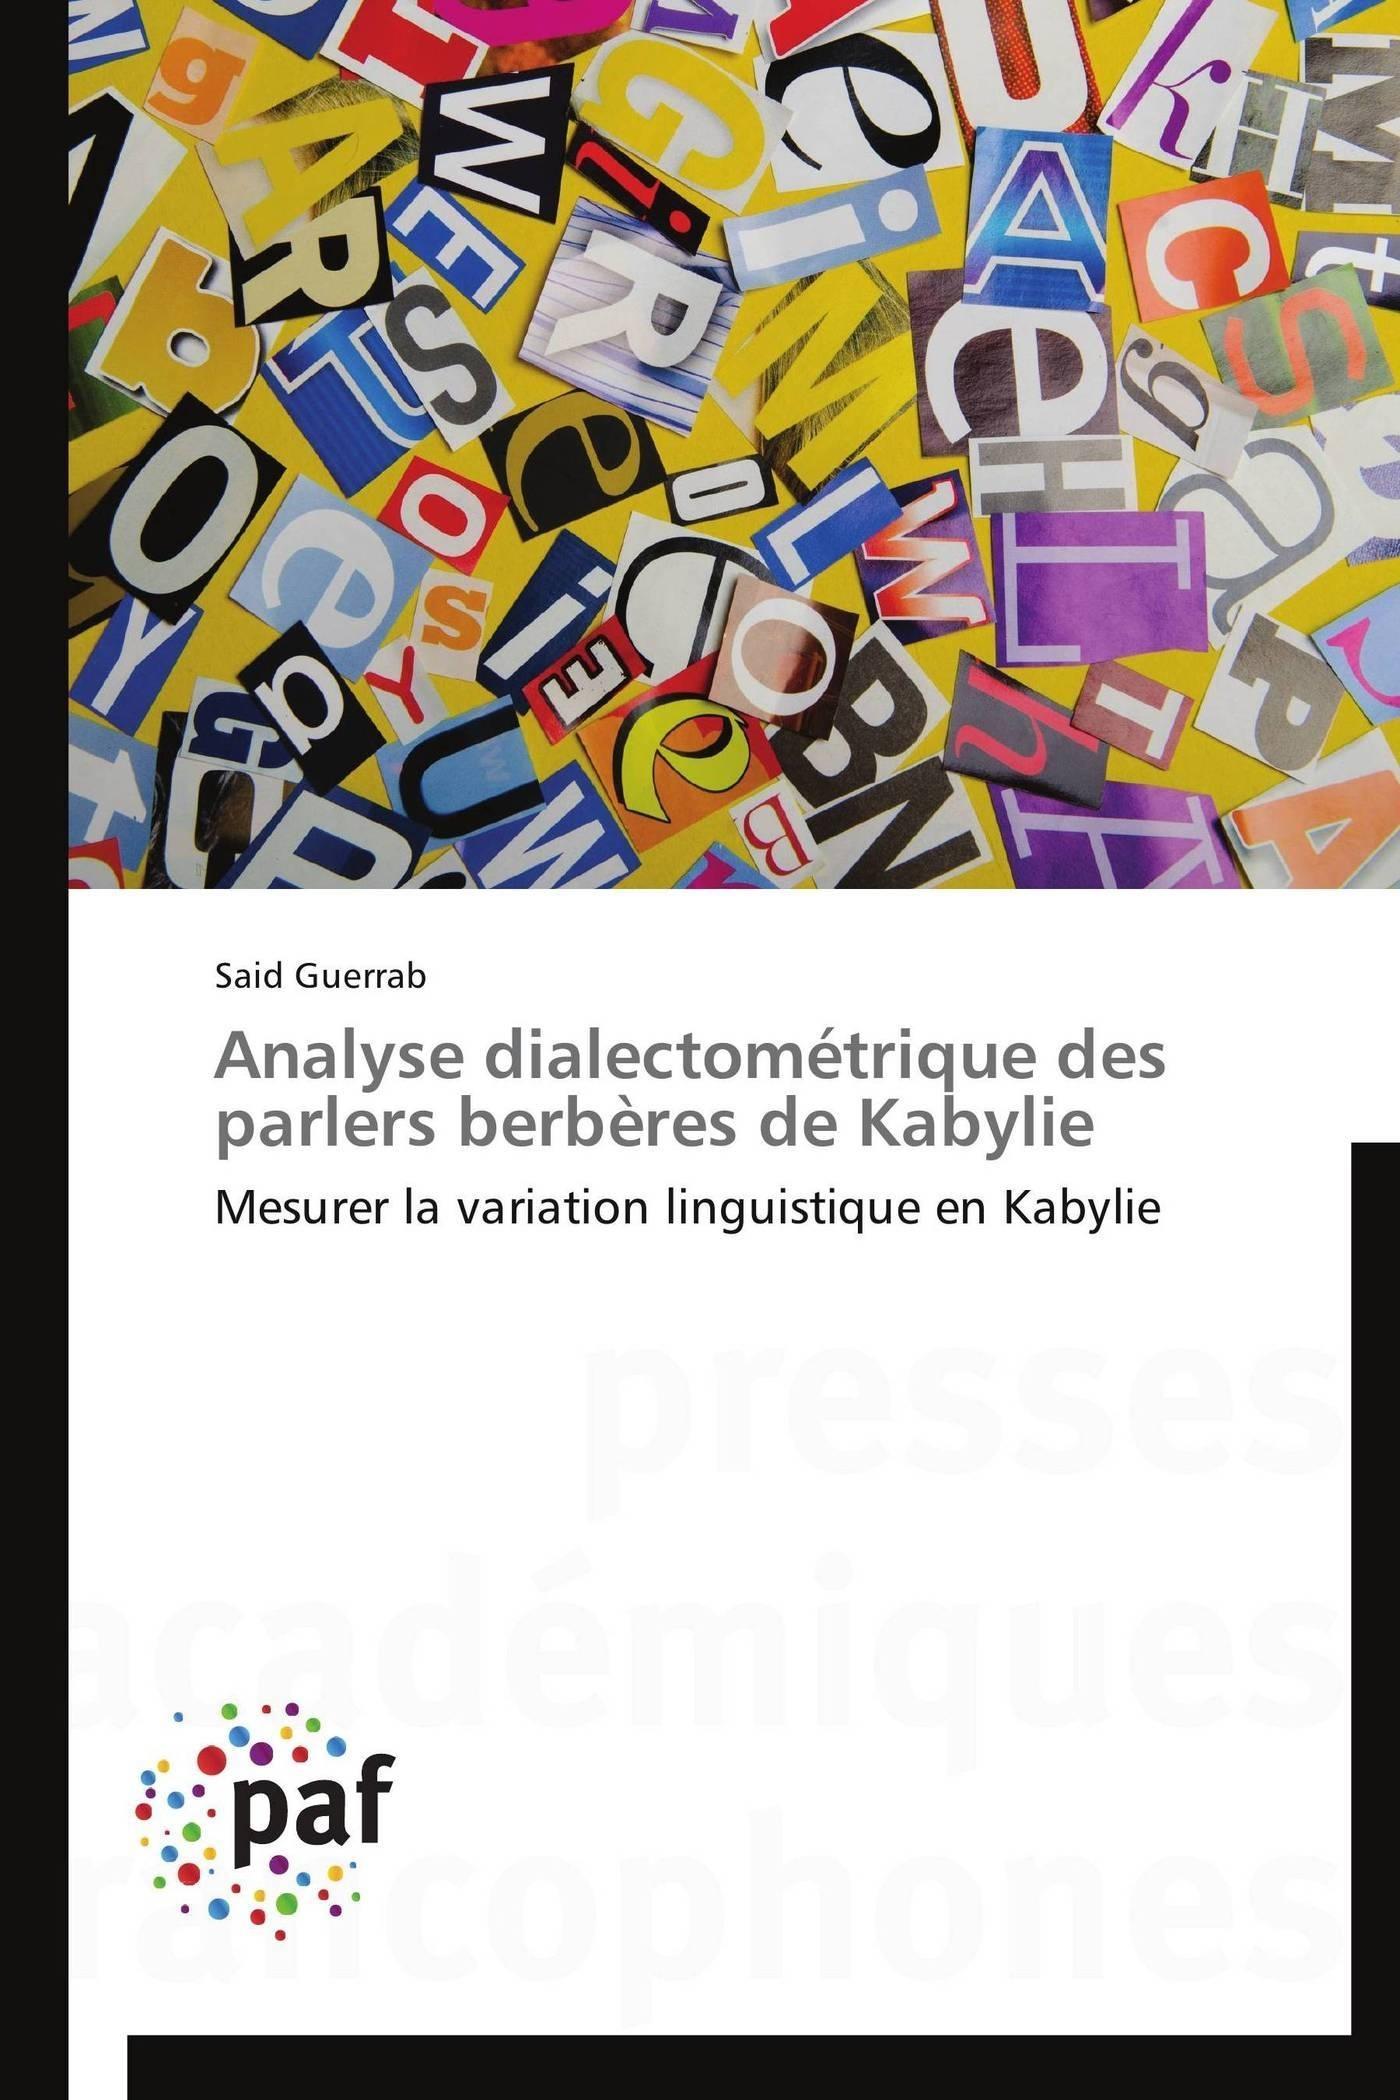 ANALYSE DIALECTOMETRIQUE DES PARLERS BERBERES DE KABYLIE